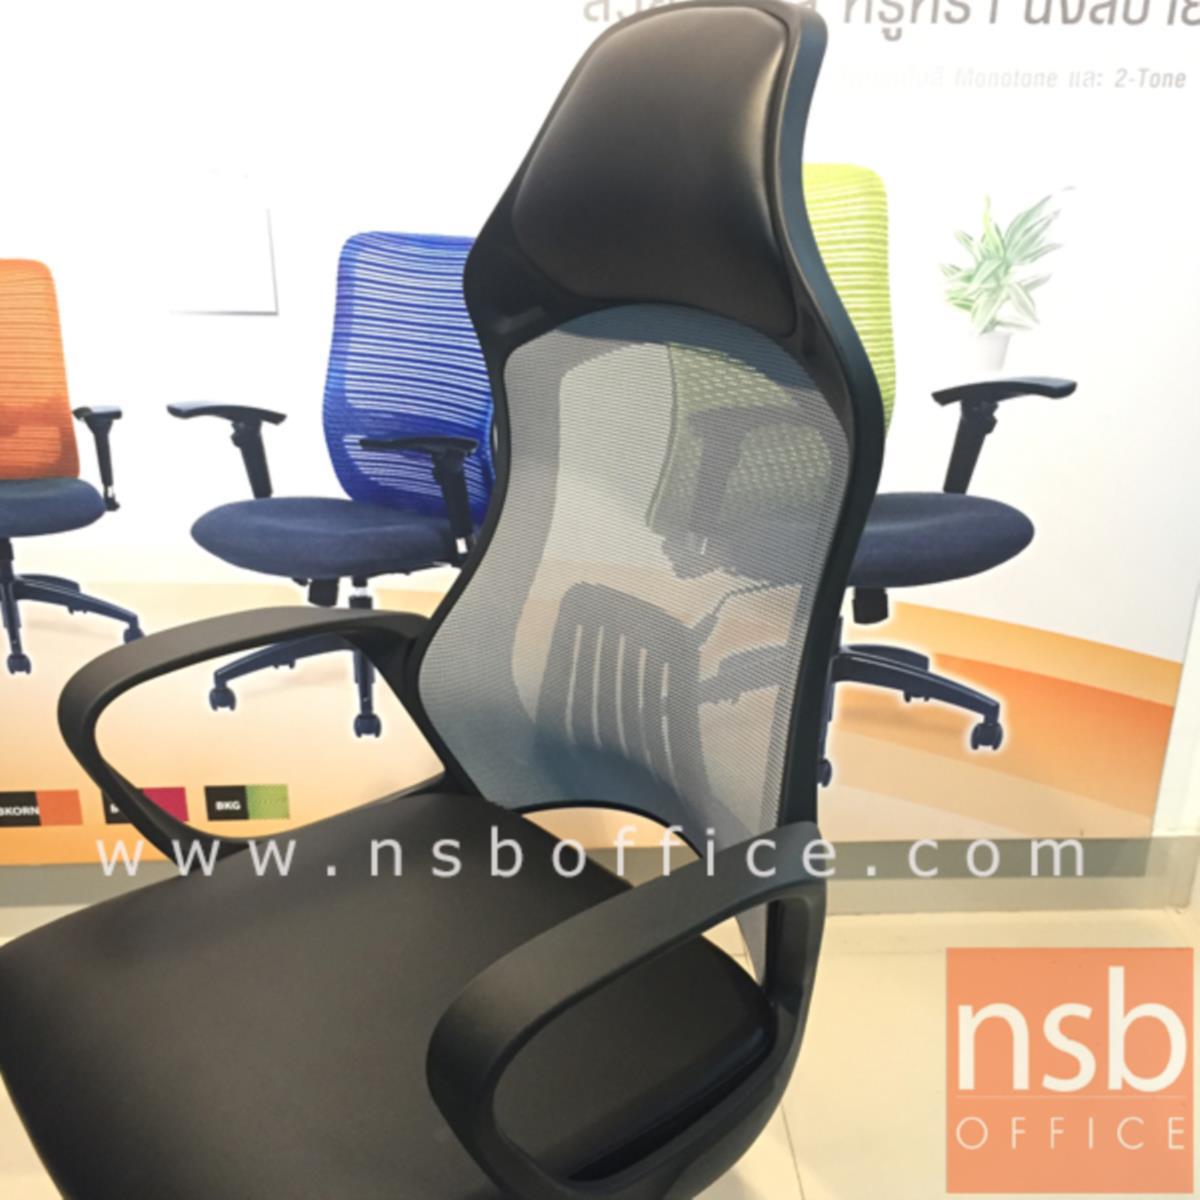 เก้าอี้ผู้บริหารหลังเน็ต รุ่น Stardust (สตาร์ดัสท์)  โช๊คแก๊ส มีก้อนโยก ขาเหล็กชุบโครเมี่ยม